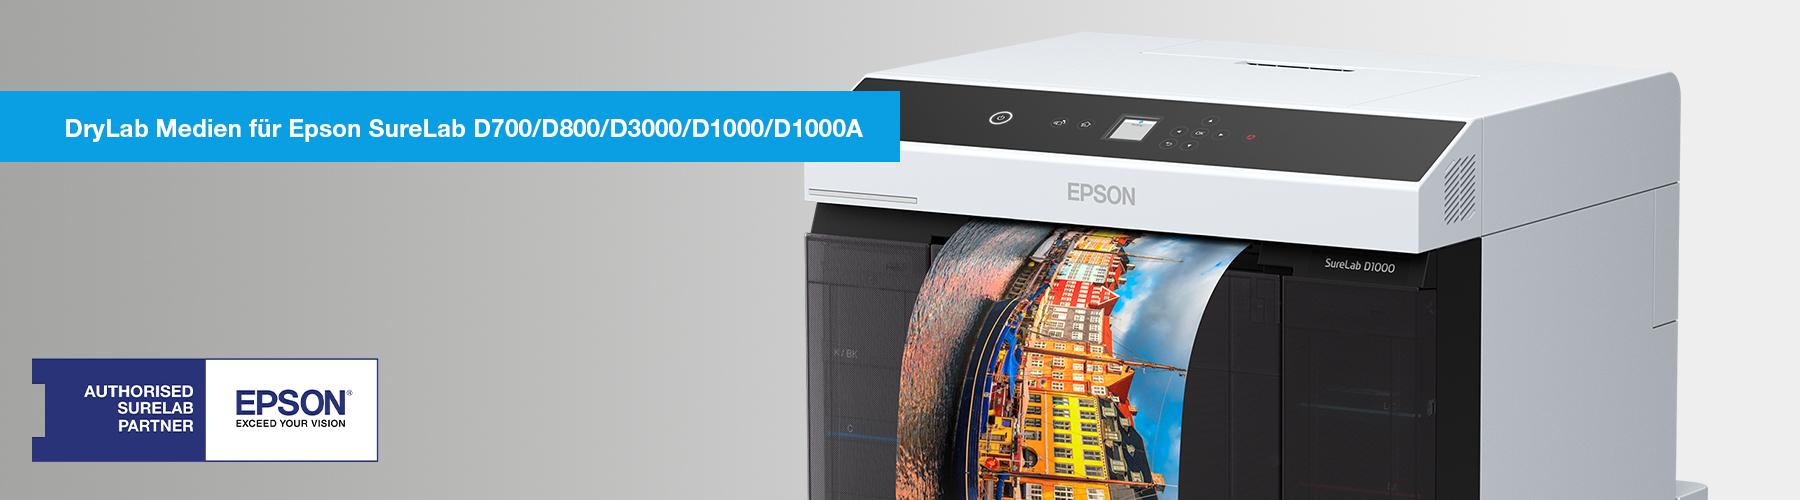 DryLab Medien für Epson SureLab D700/D3000, Fuji sowie Noritsu Drylabs. />